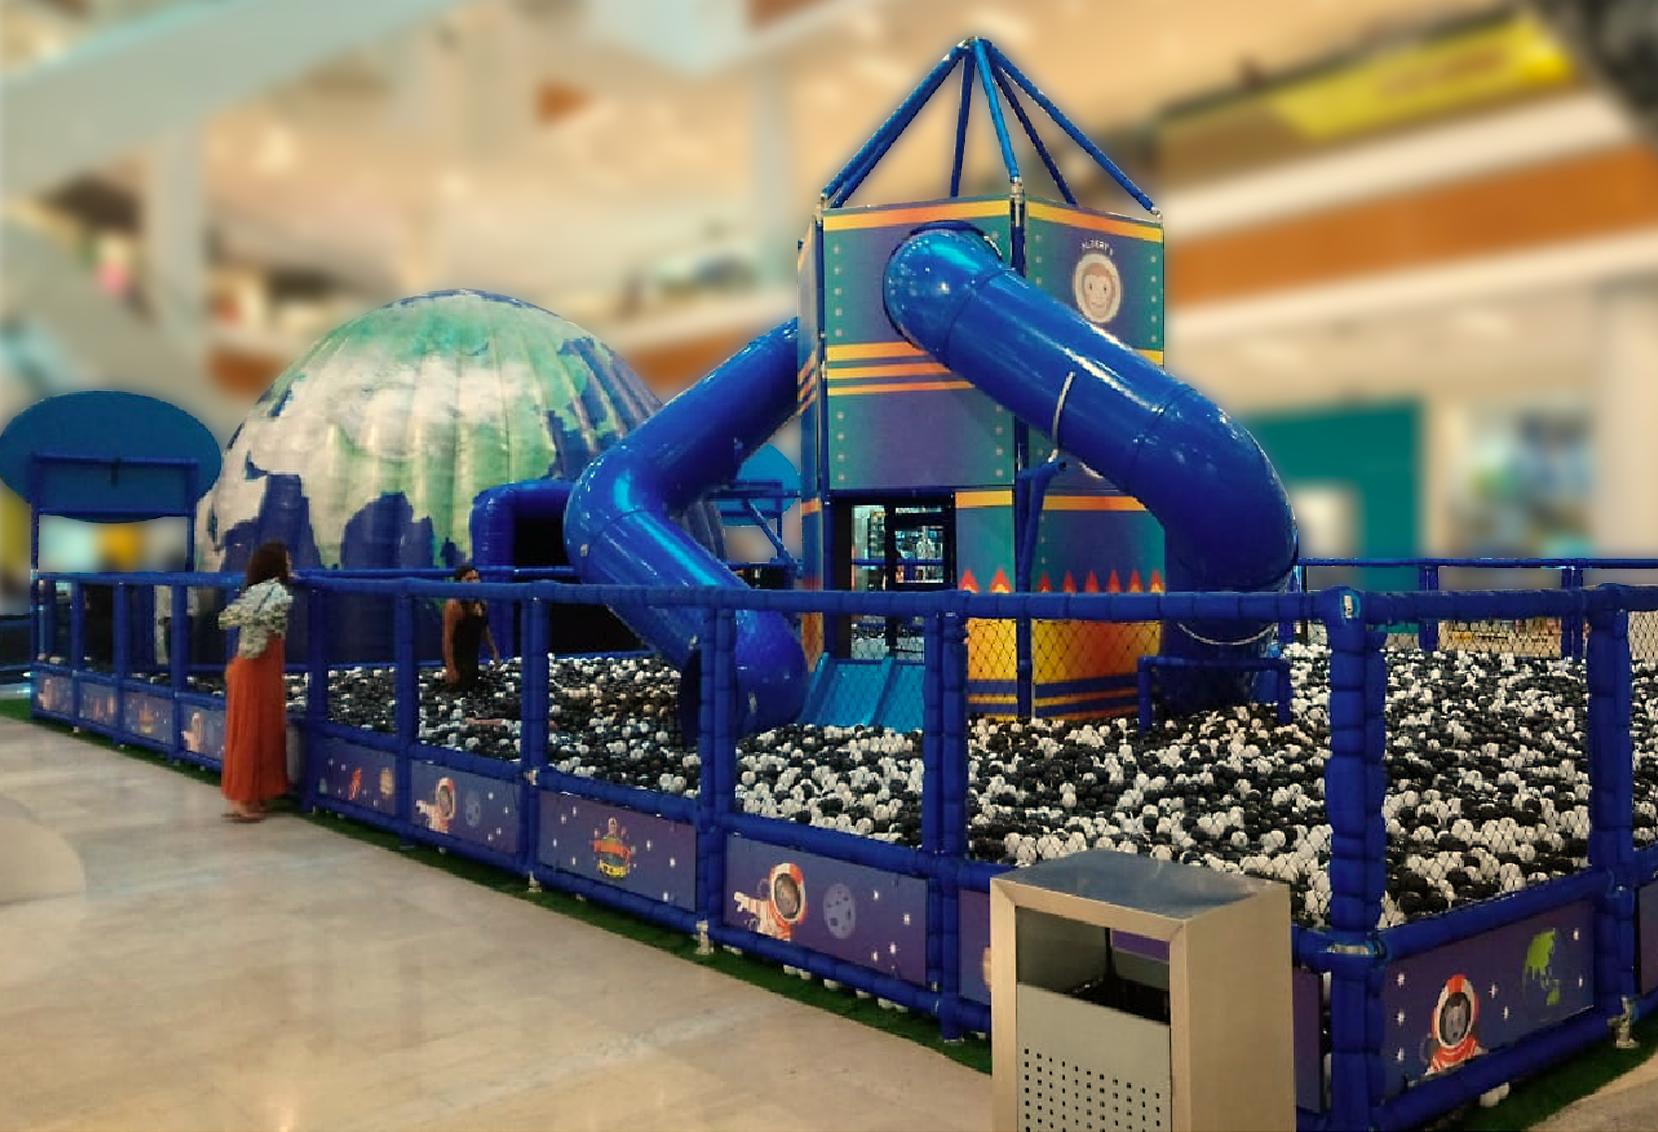 Planet Kids diverte e ensina crianças no Shopping Parque Balneário